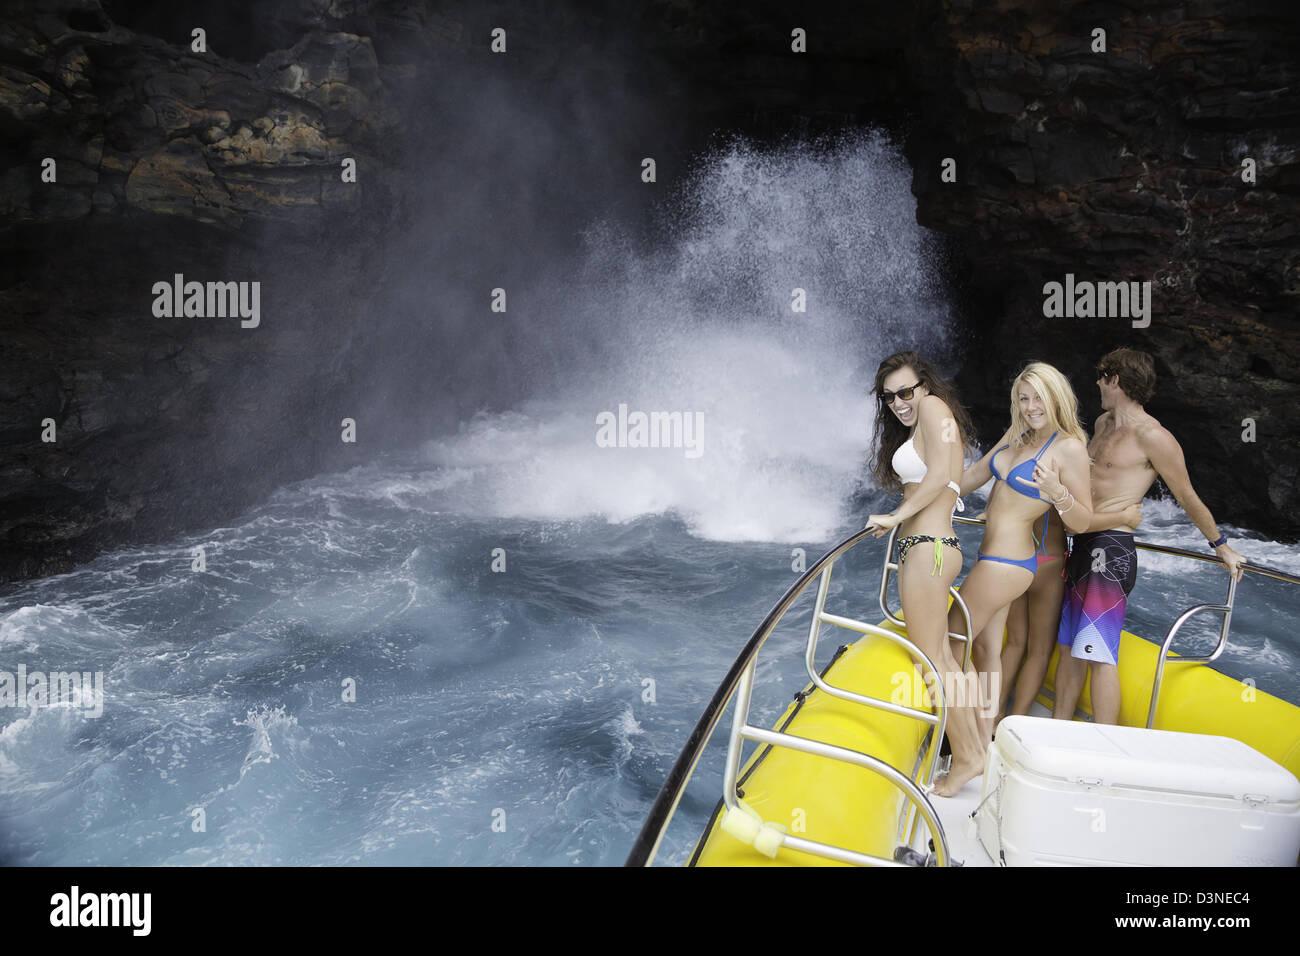 Un groupe de jeunes (MR) sur un fond dur inflatable près d'une grande vague qui sort d'une grotte marine Photo Stock